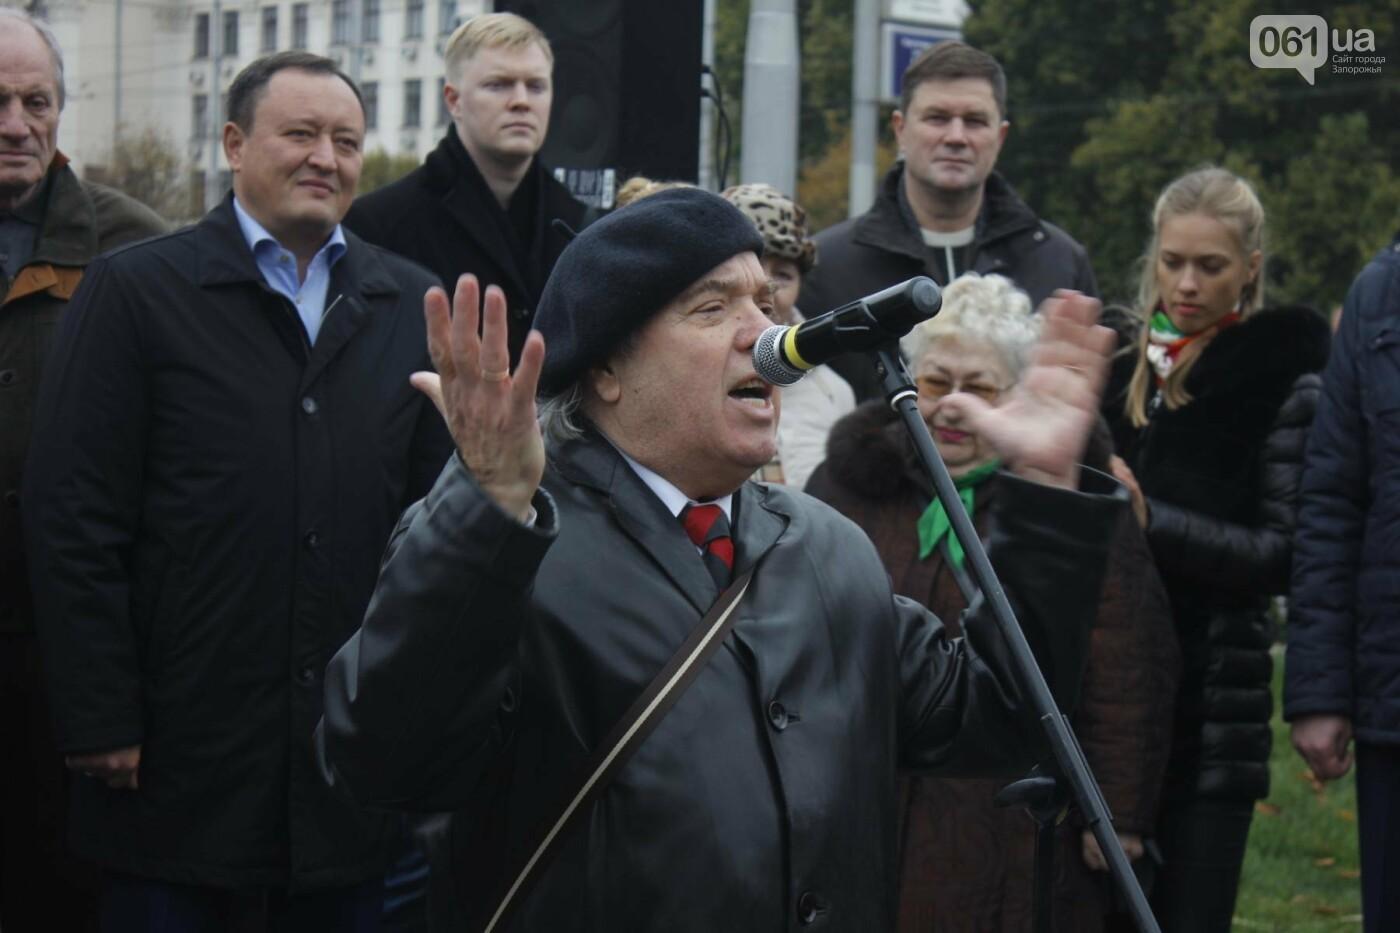 В Запорожье открыли памятник Леониду Жаботинскому, - ФОТОРЕПОРТАЖ, фото-4